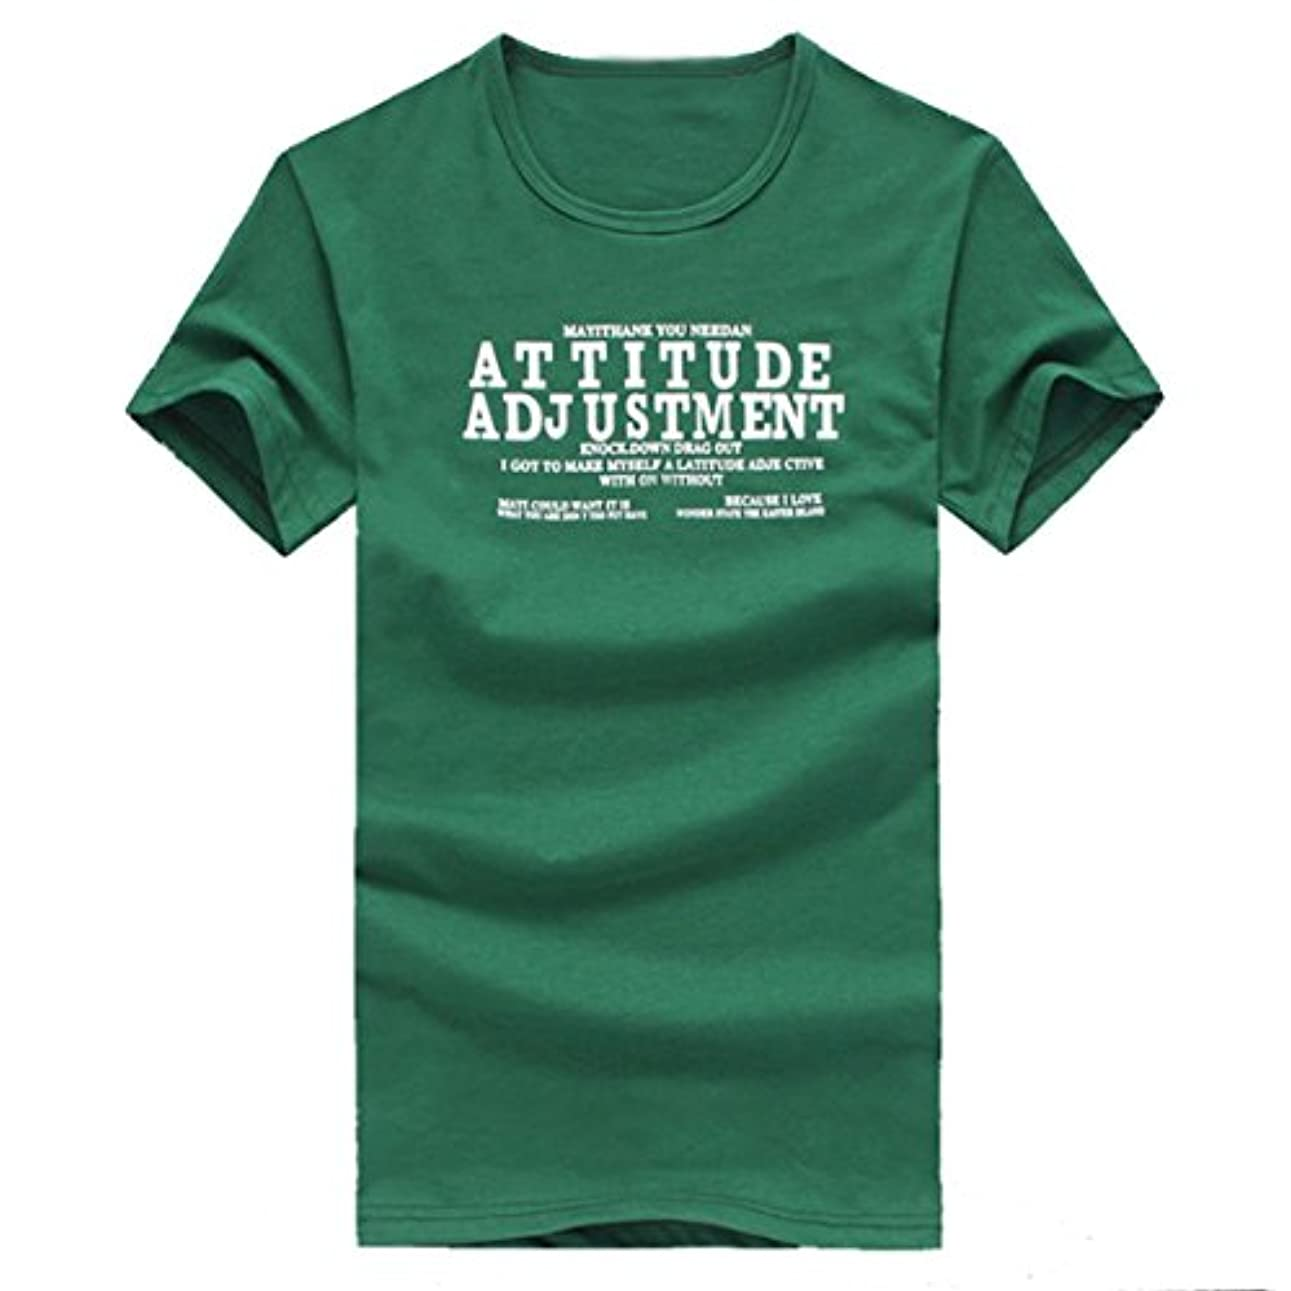 本物ジェット荒廃するルテンズ(Lutents)Tシャツ メンズ 半袖 緑 ドライ素材 スポーツ 吸水速乾 字母ロゴ ライオン プリント 父の日 おしゃれ シンプル 彼氏 プレゼント